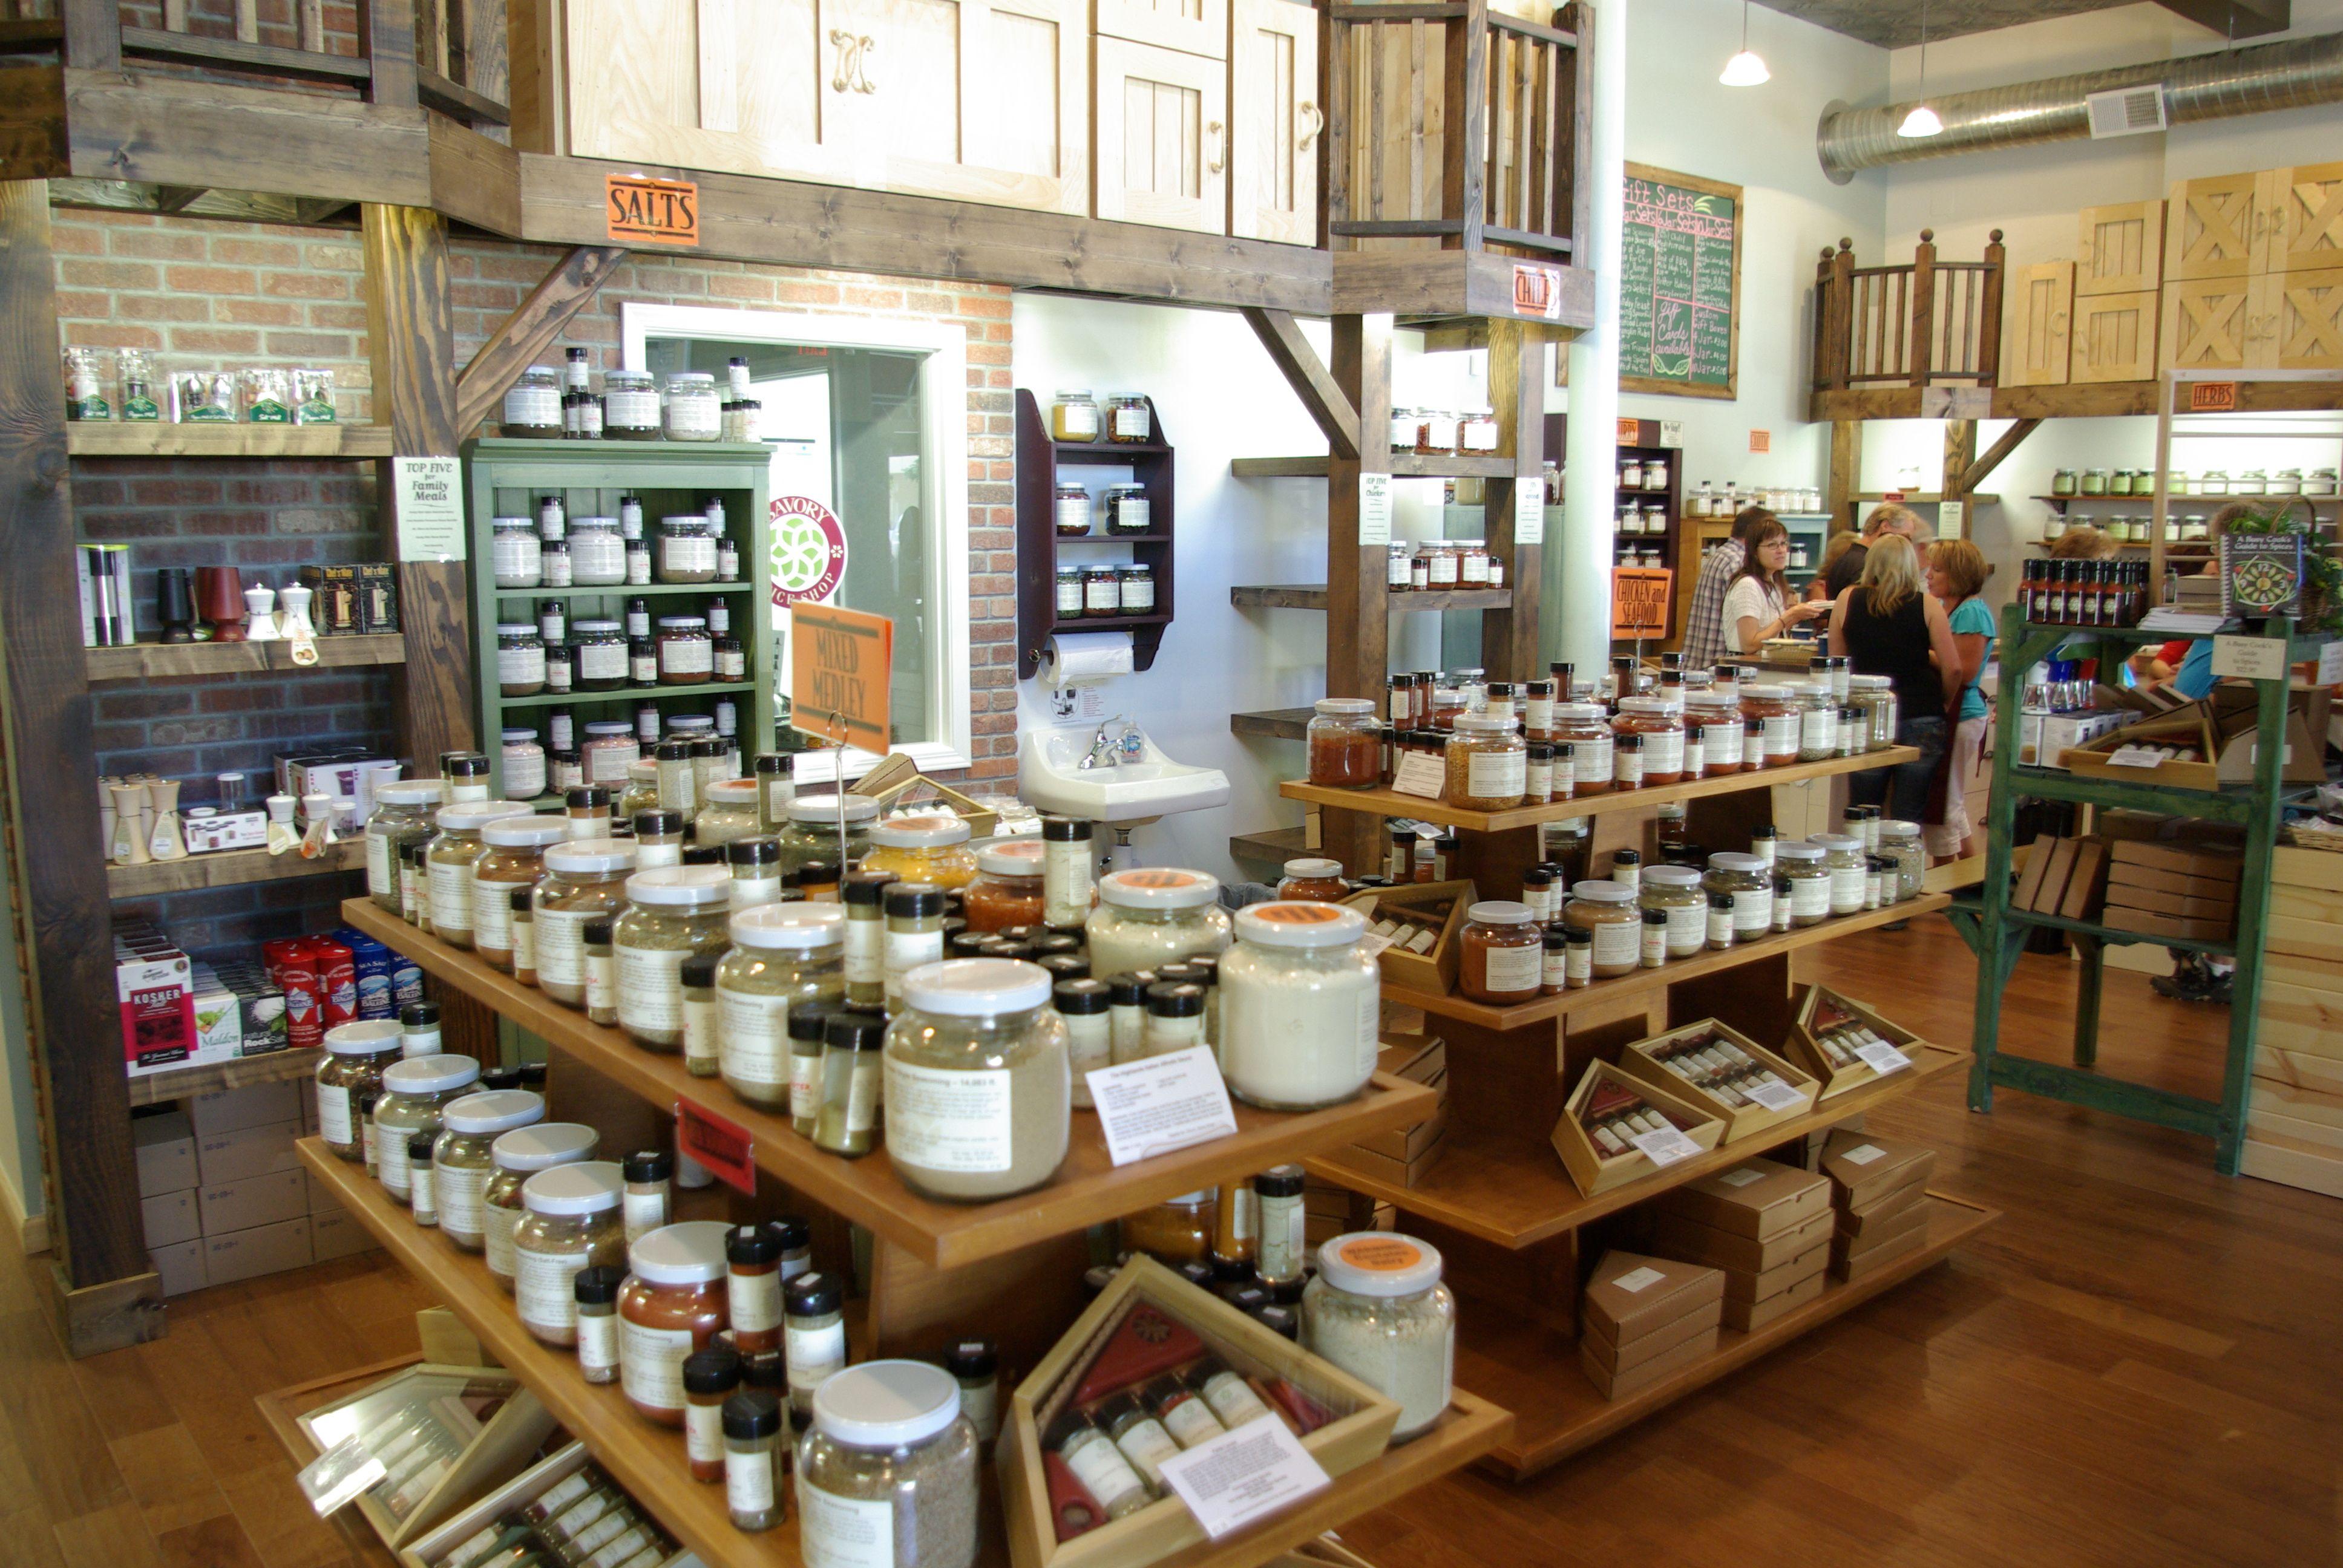 Savory Spice Shop Santa Rosa CA Retail Fixtures  Crates